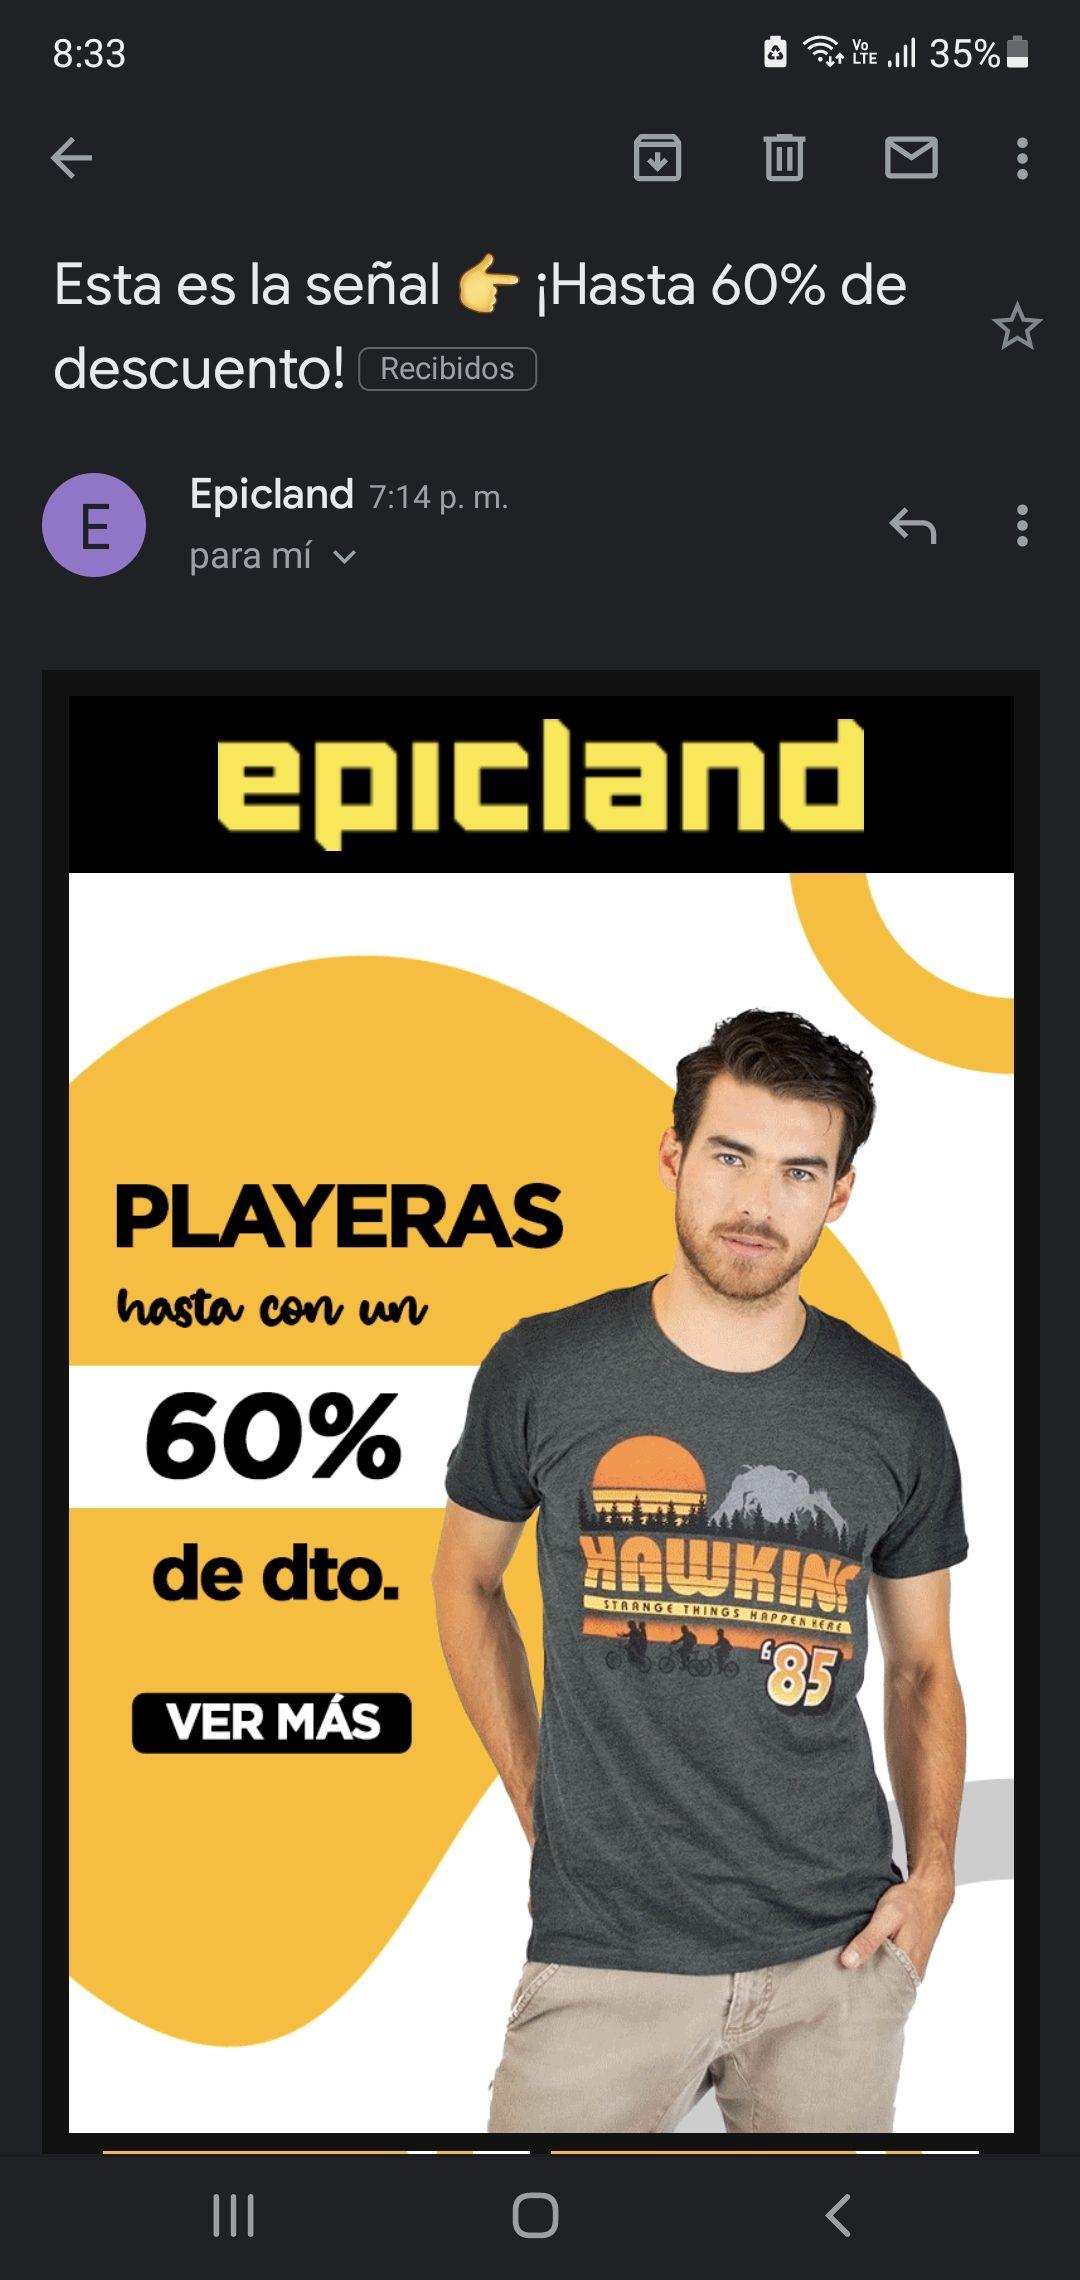 Epicland playeras hasta un 60%